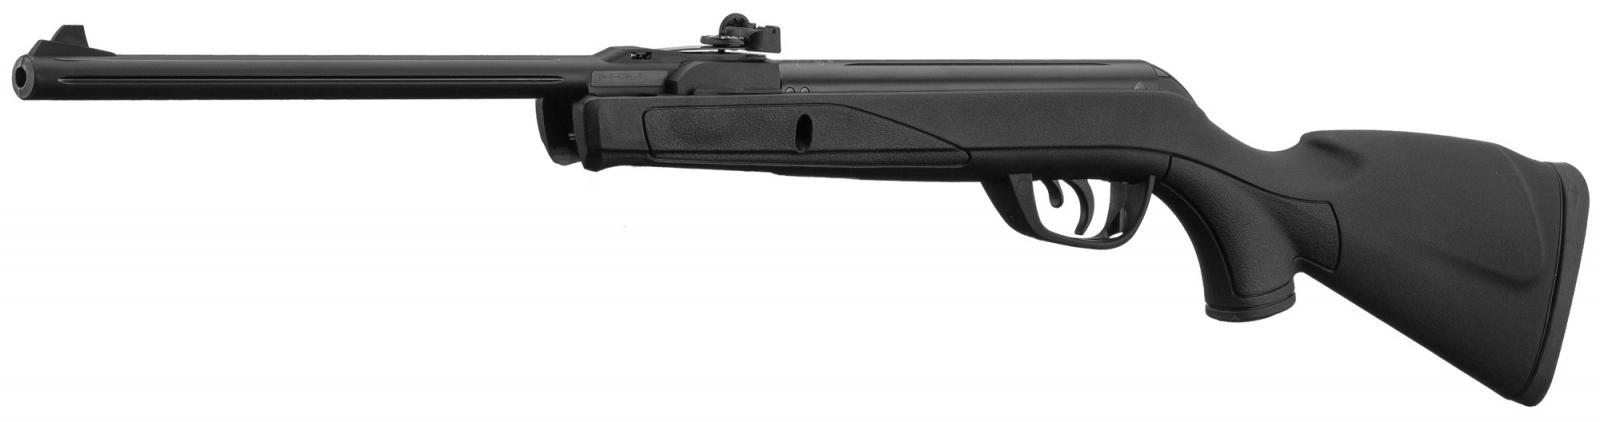 Carabine à air comprimé GAMO Delta Black 4.5 mm - 7.5 J